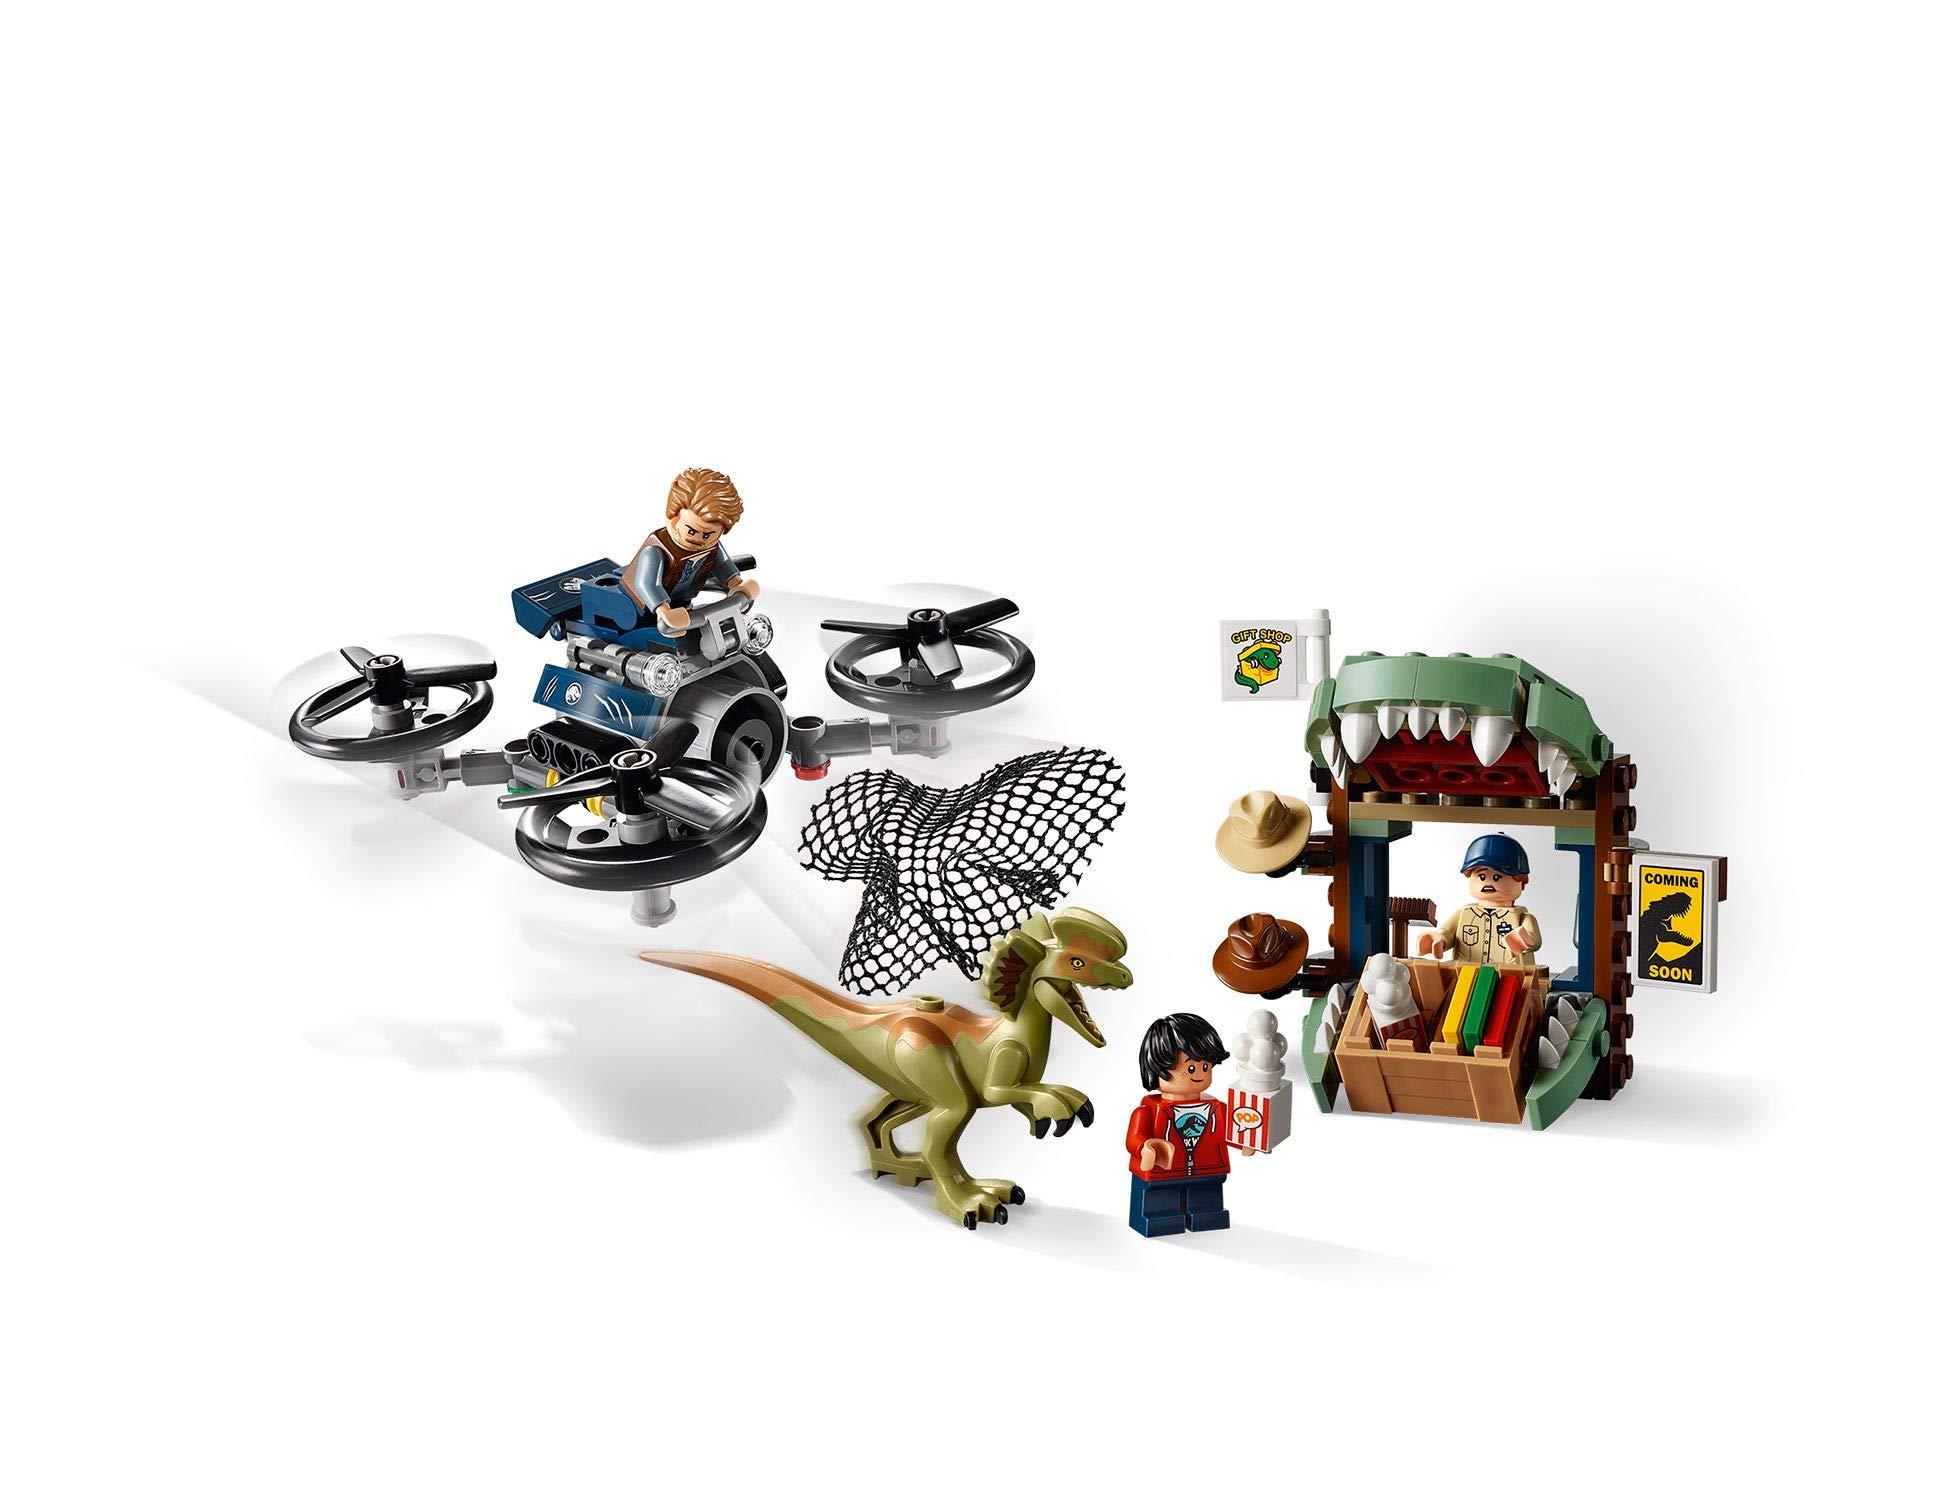 LEGO Jurassic World - Gioco per Bambini Dilofosauro in Fuga, Multicolore, 6250526 3 spesavip